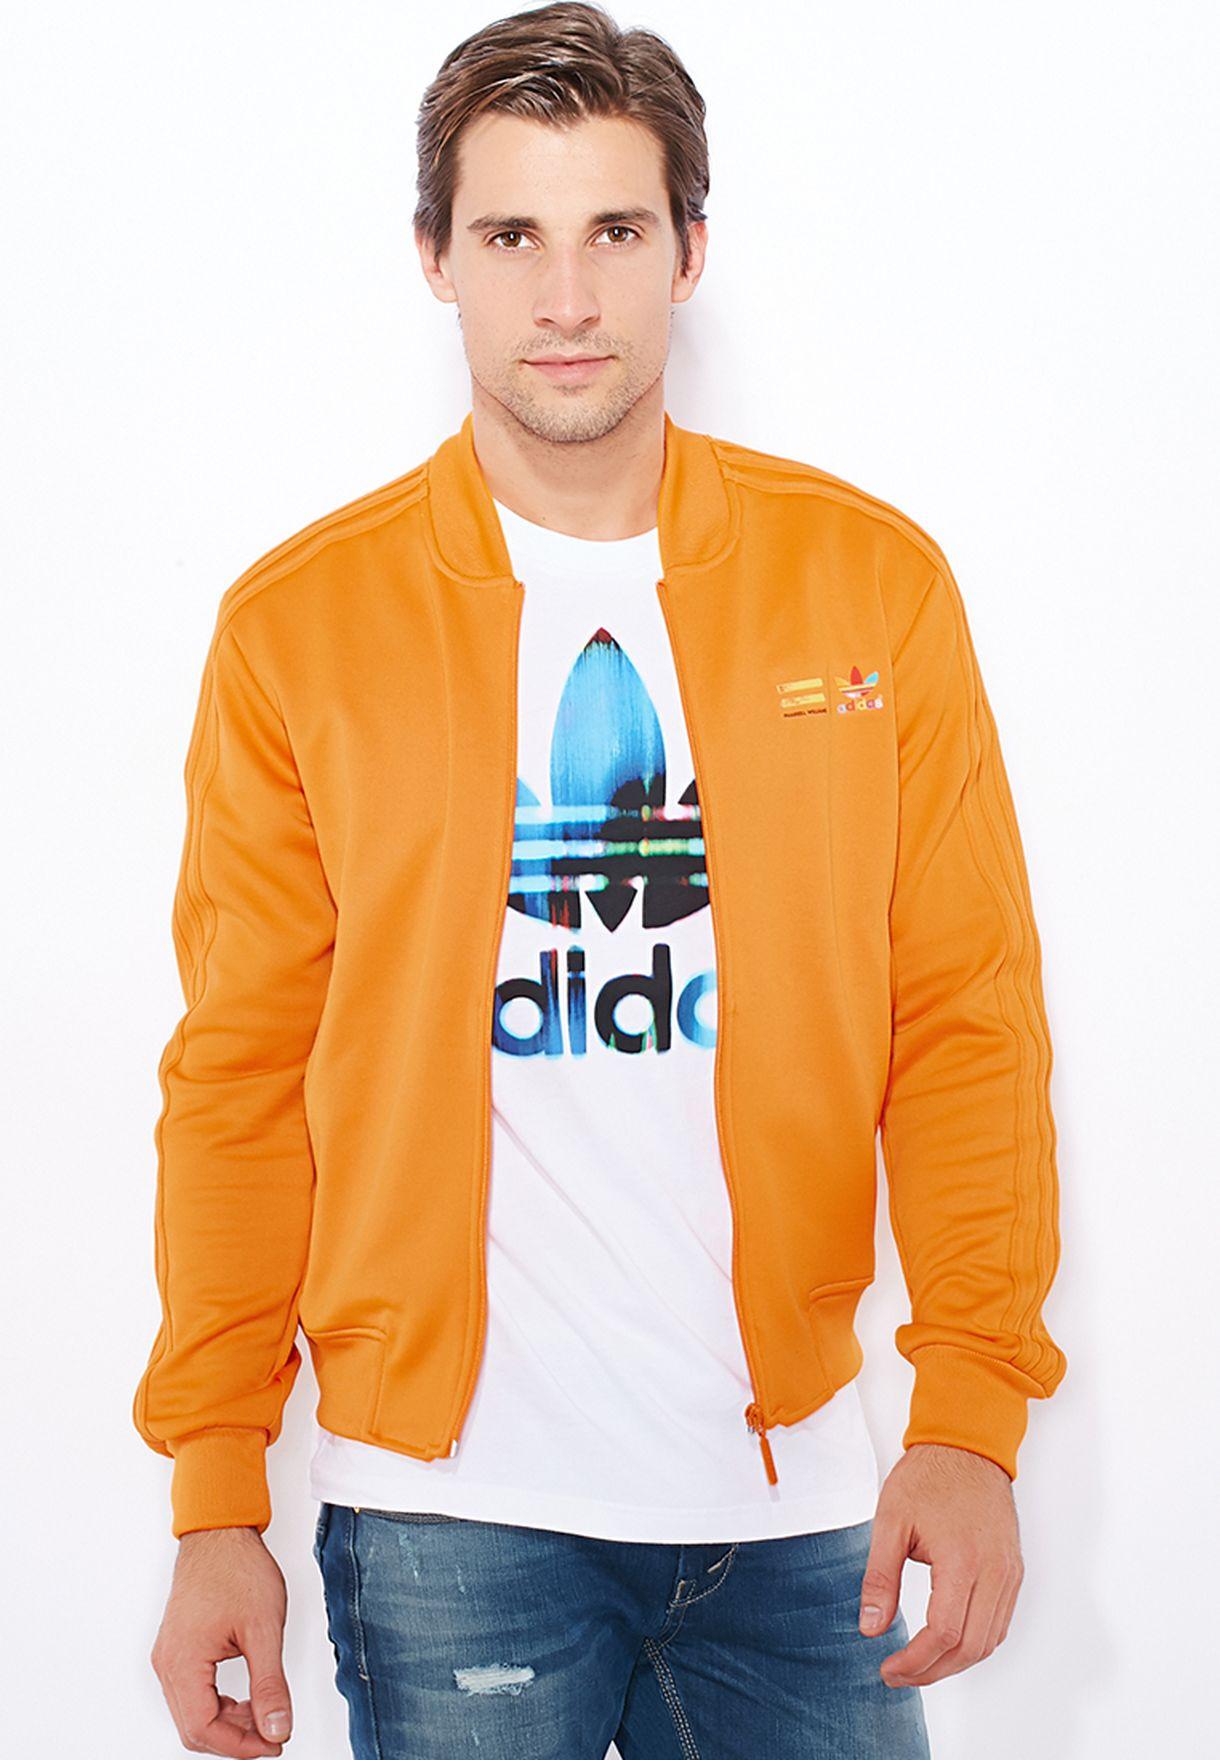 adidas pharrell williams jacke orange